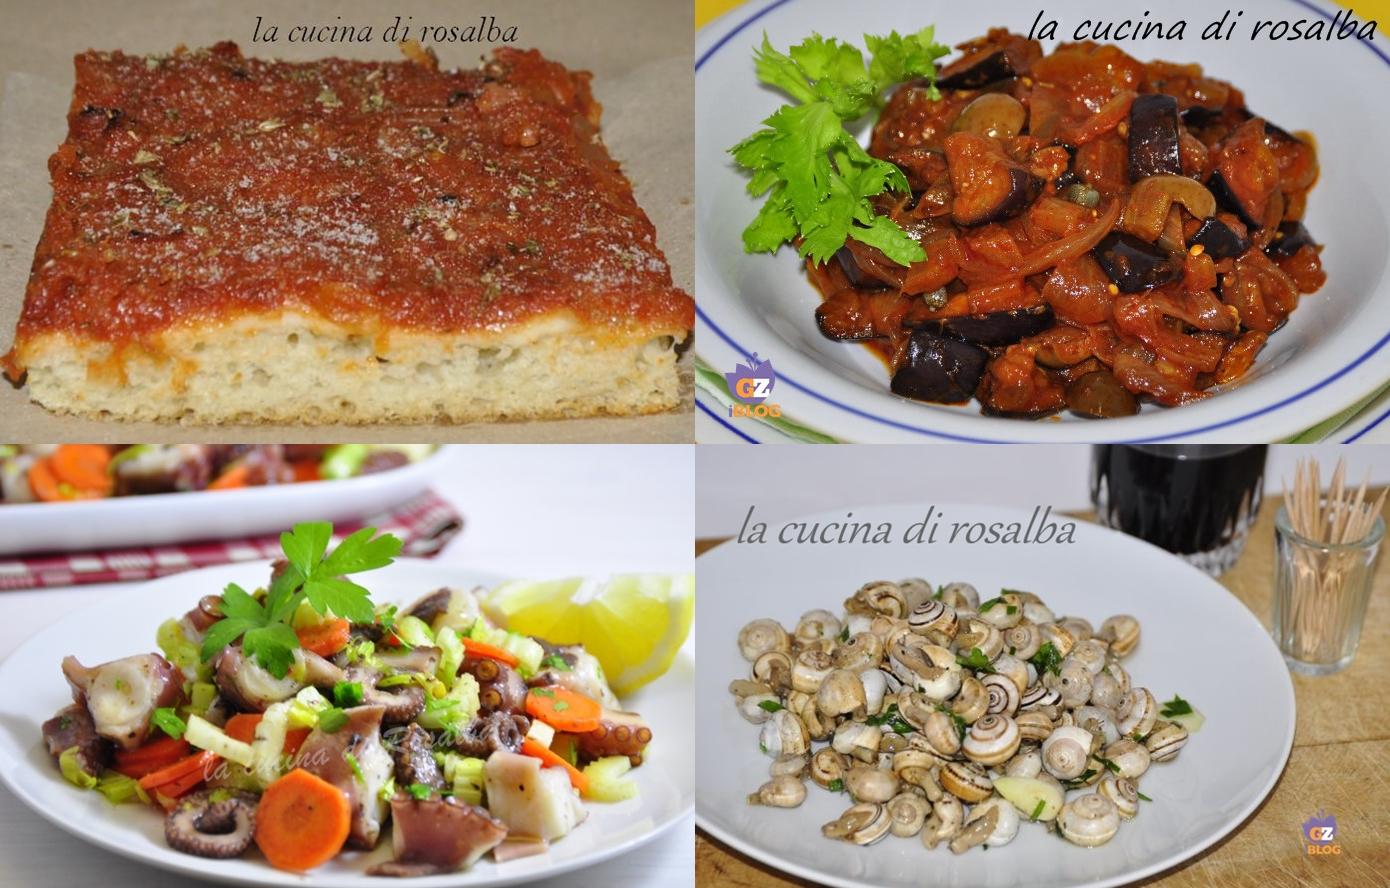 Piatti Tipici Siciliani E Palermitani La Cucina Di Rosalba #B84713 1390 888 I Migliori Piatti Della Cucina Napoletana